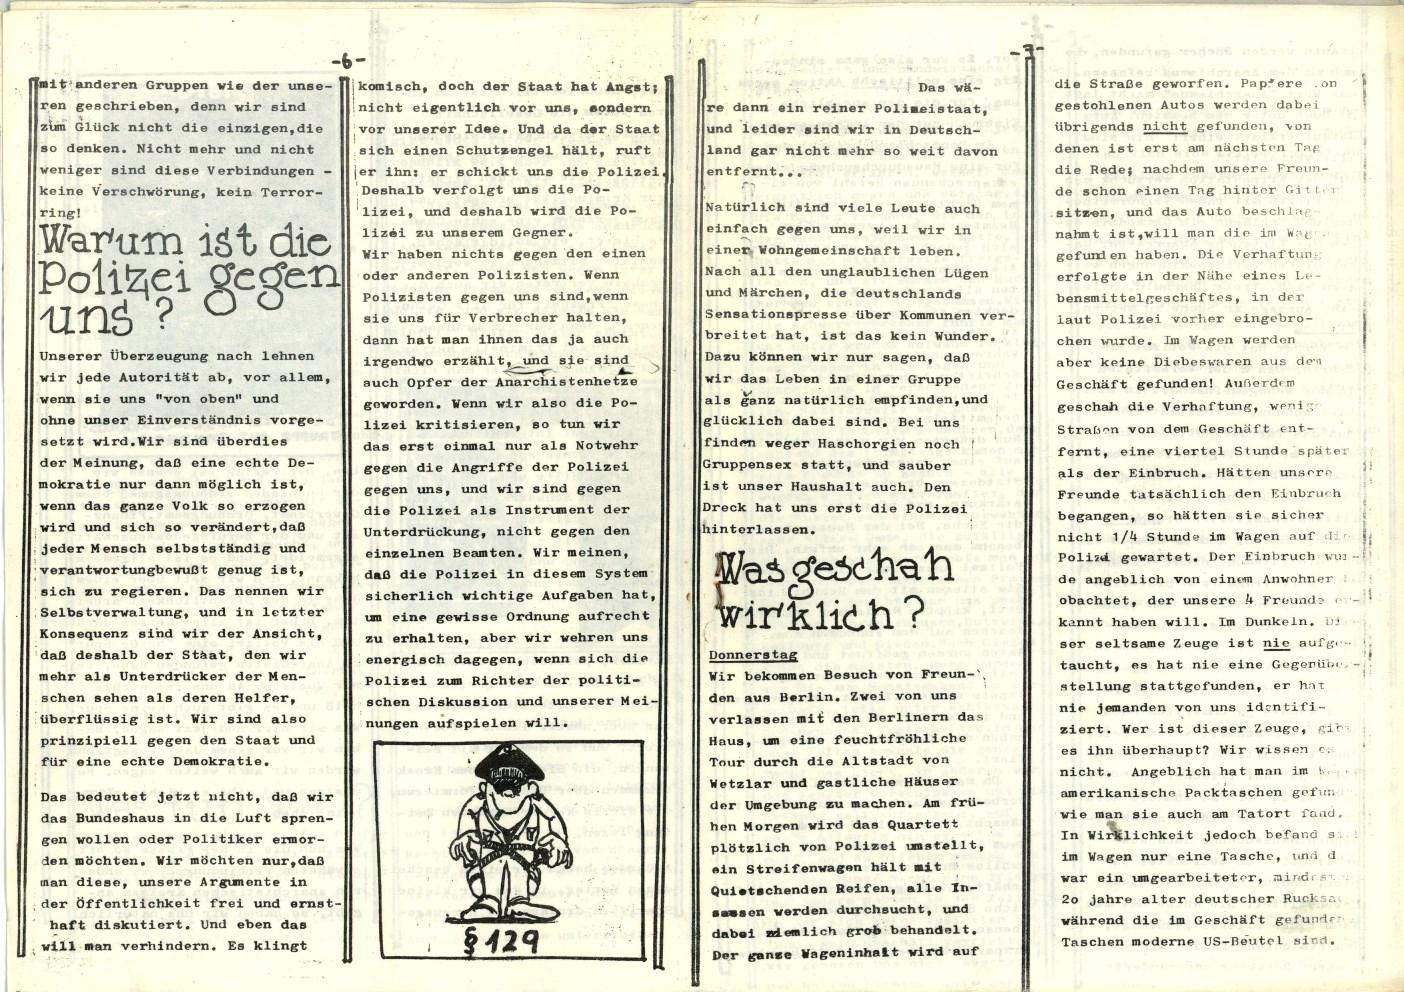 Wetzlar_RH_SK_Nachrichten_1973_02_04